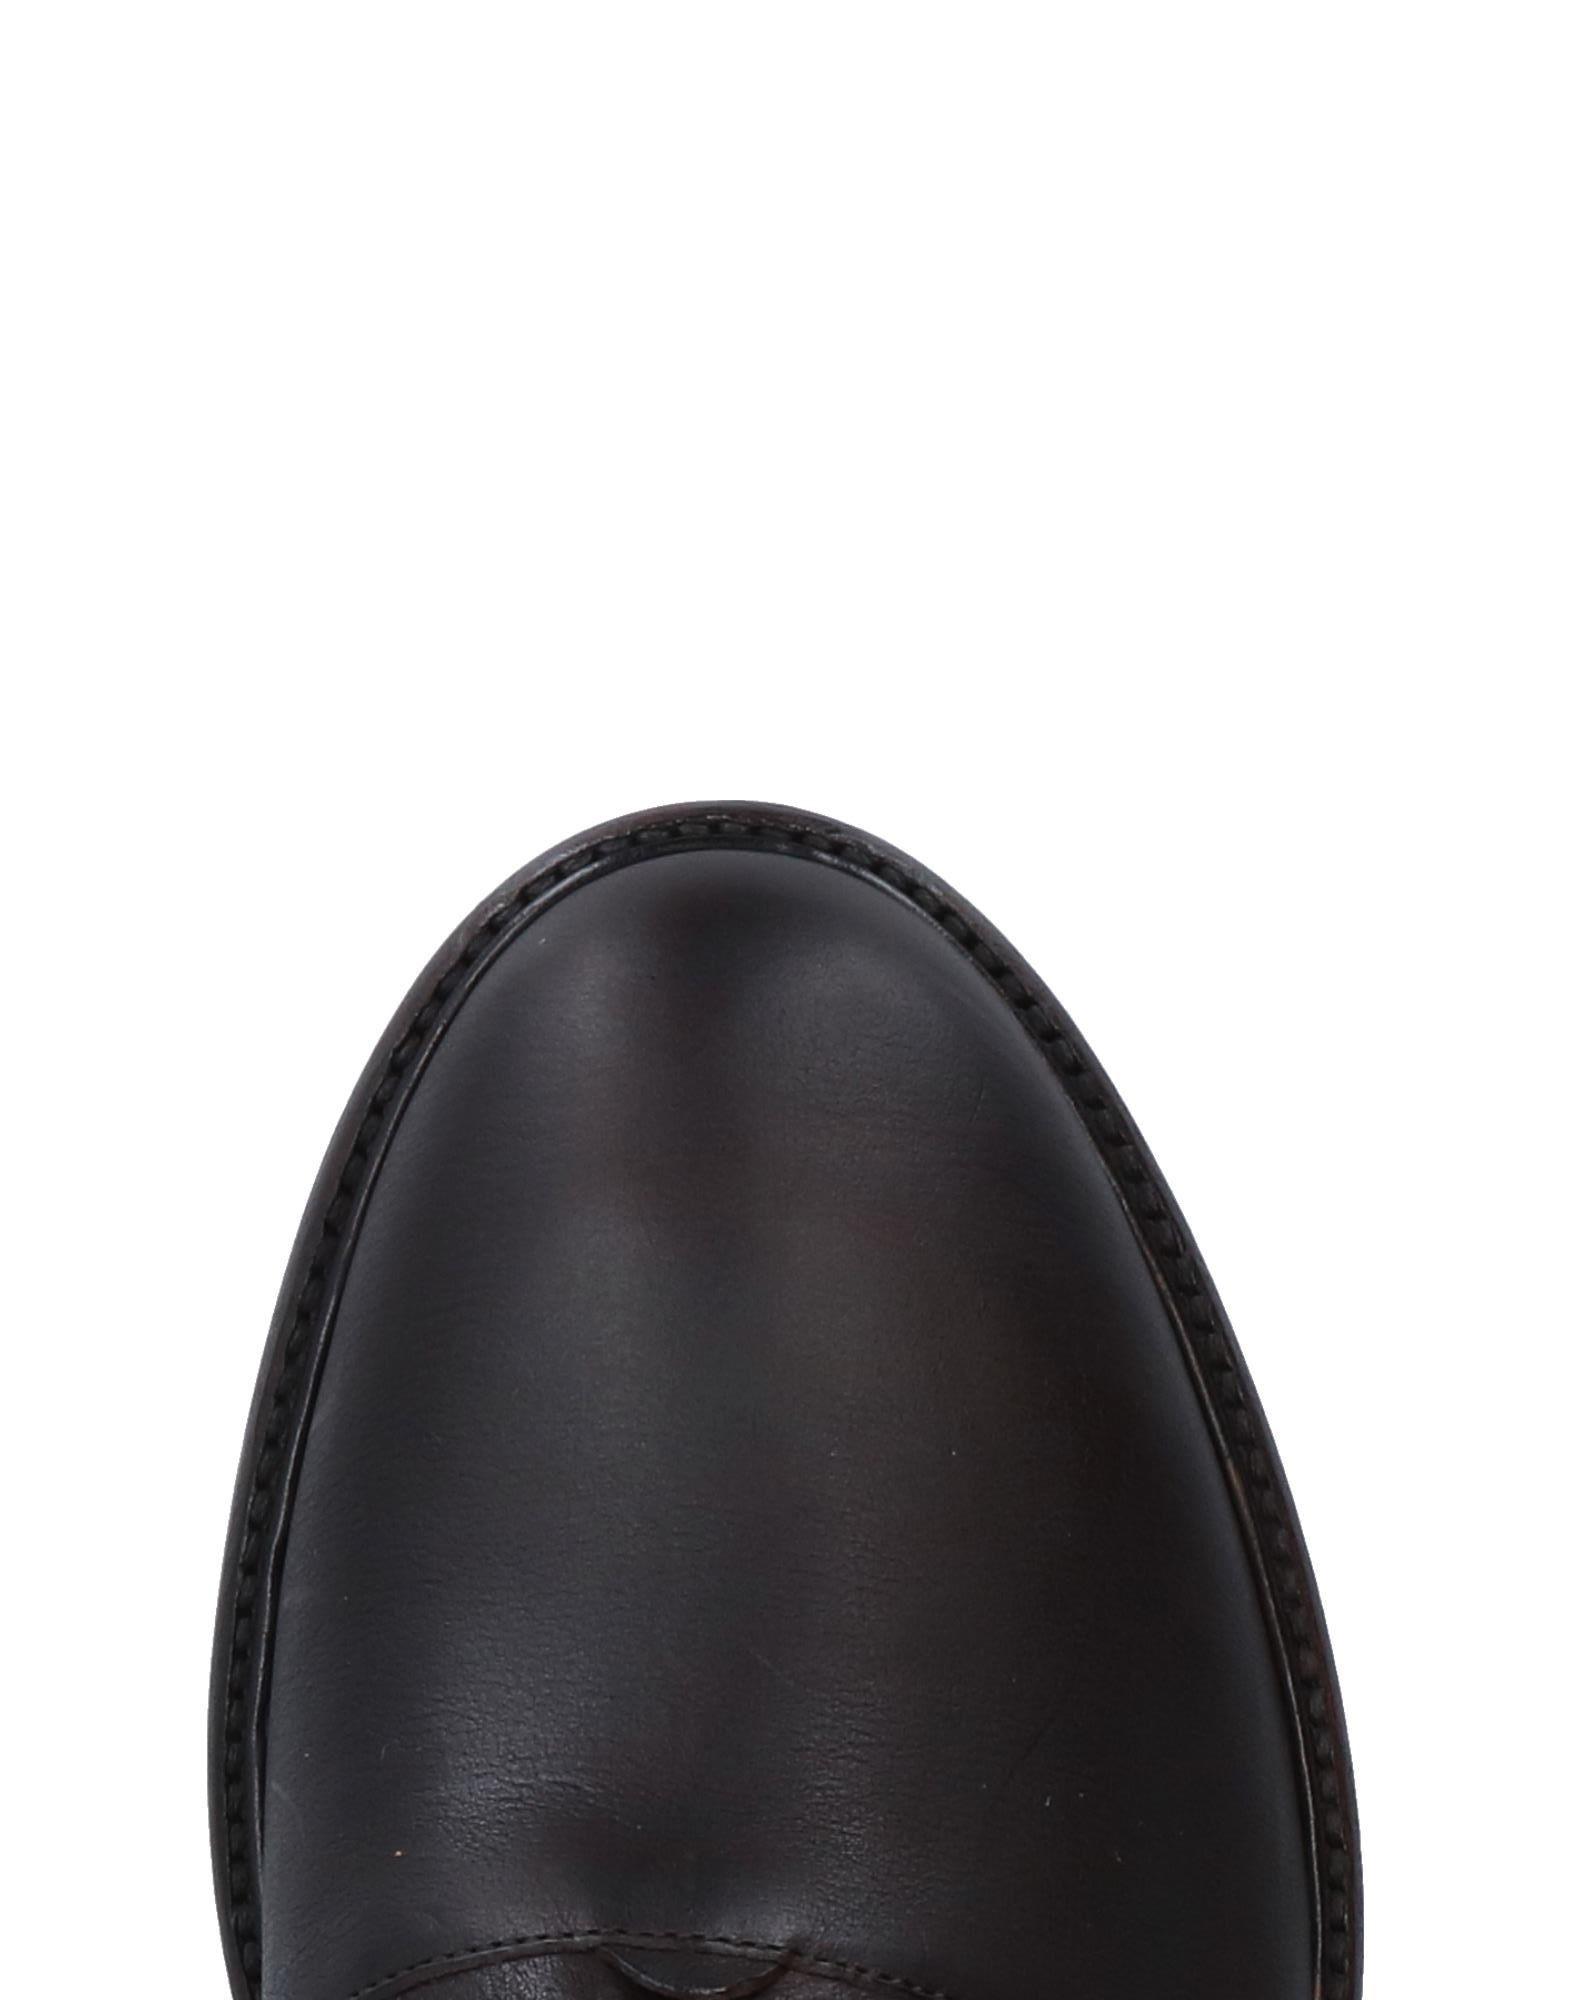 A.Testoni Schnürschuhe Herren  11318789JC Gute Qualität beliebte Schuhe